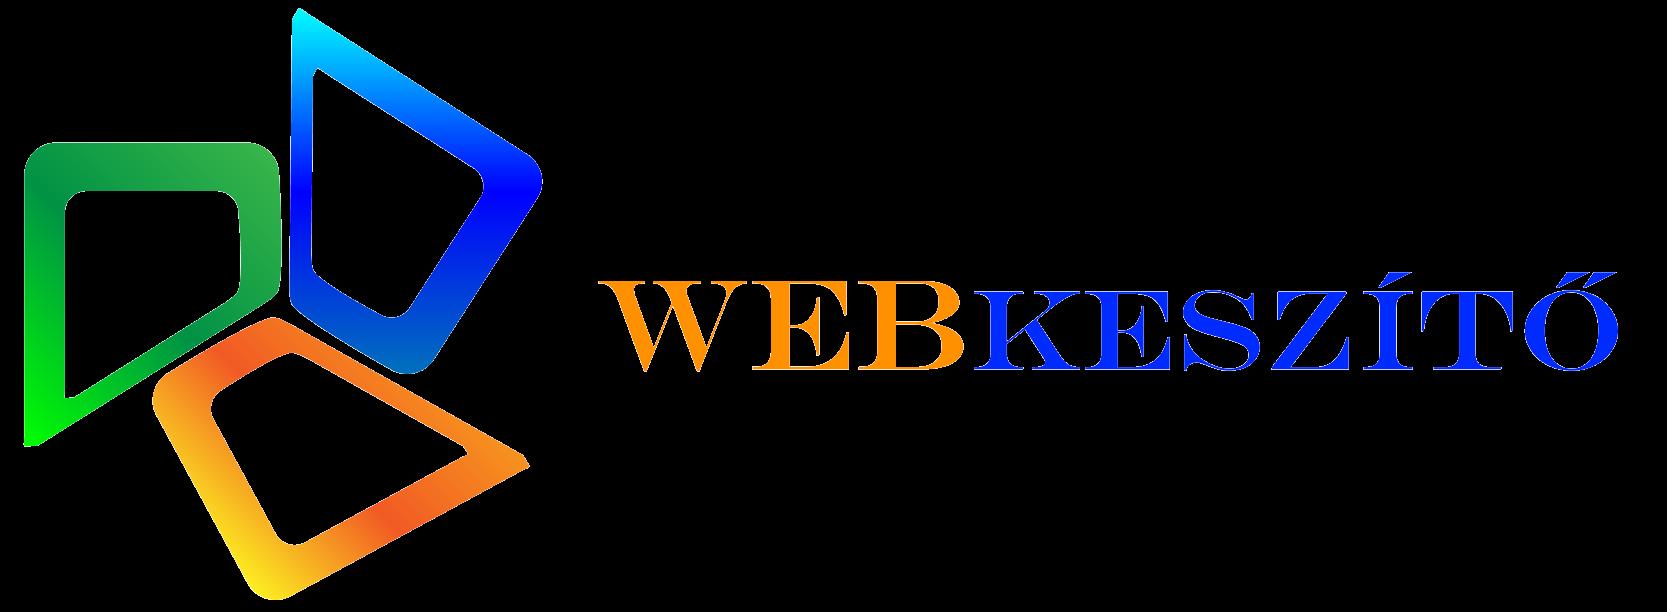 WEBKÉSZÍTŐ